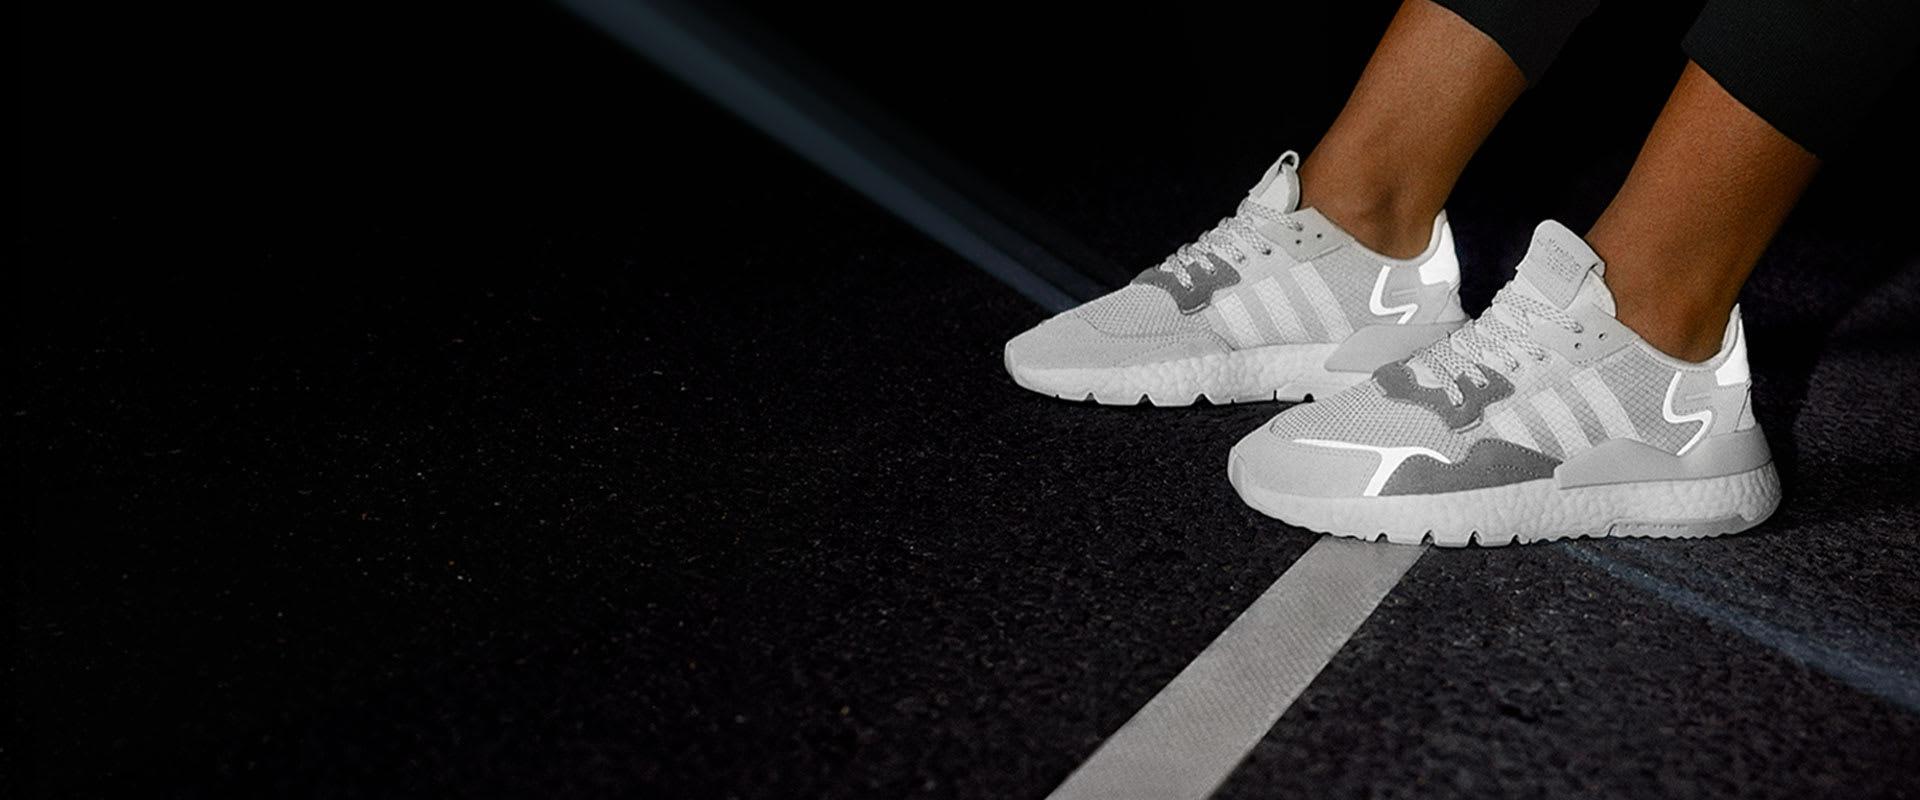 e9edaa5bbc4 adidas® | Officiële Website Nederland adidas outlet store utrecht